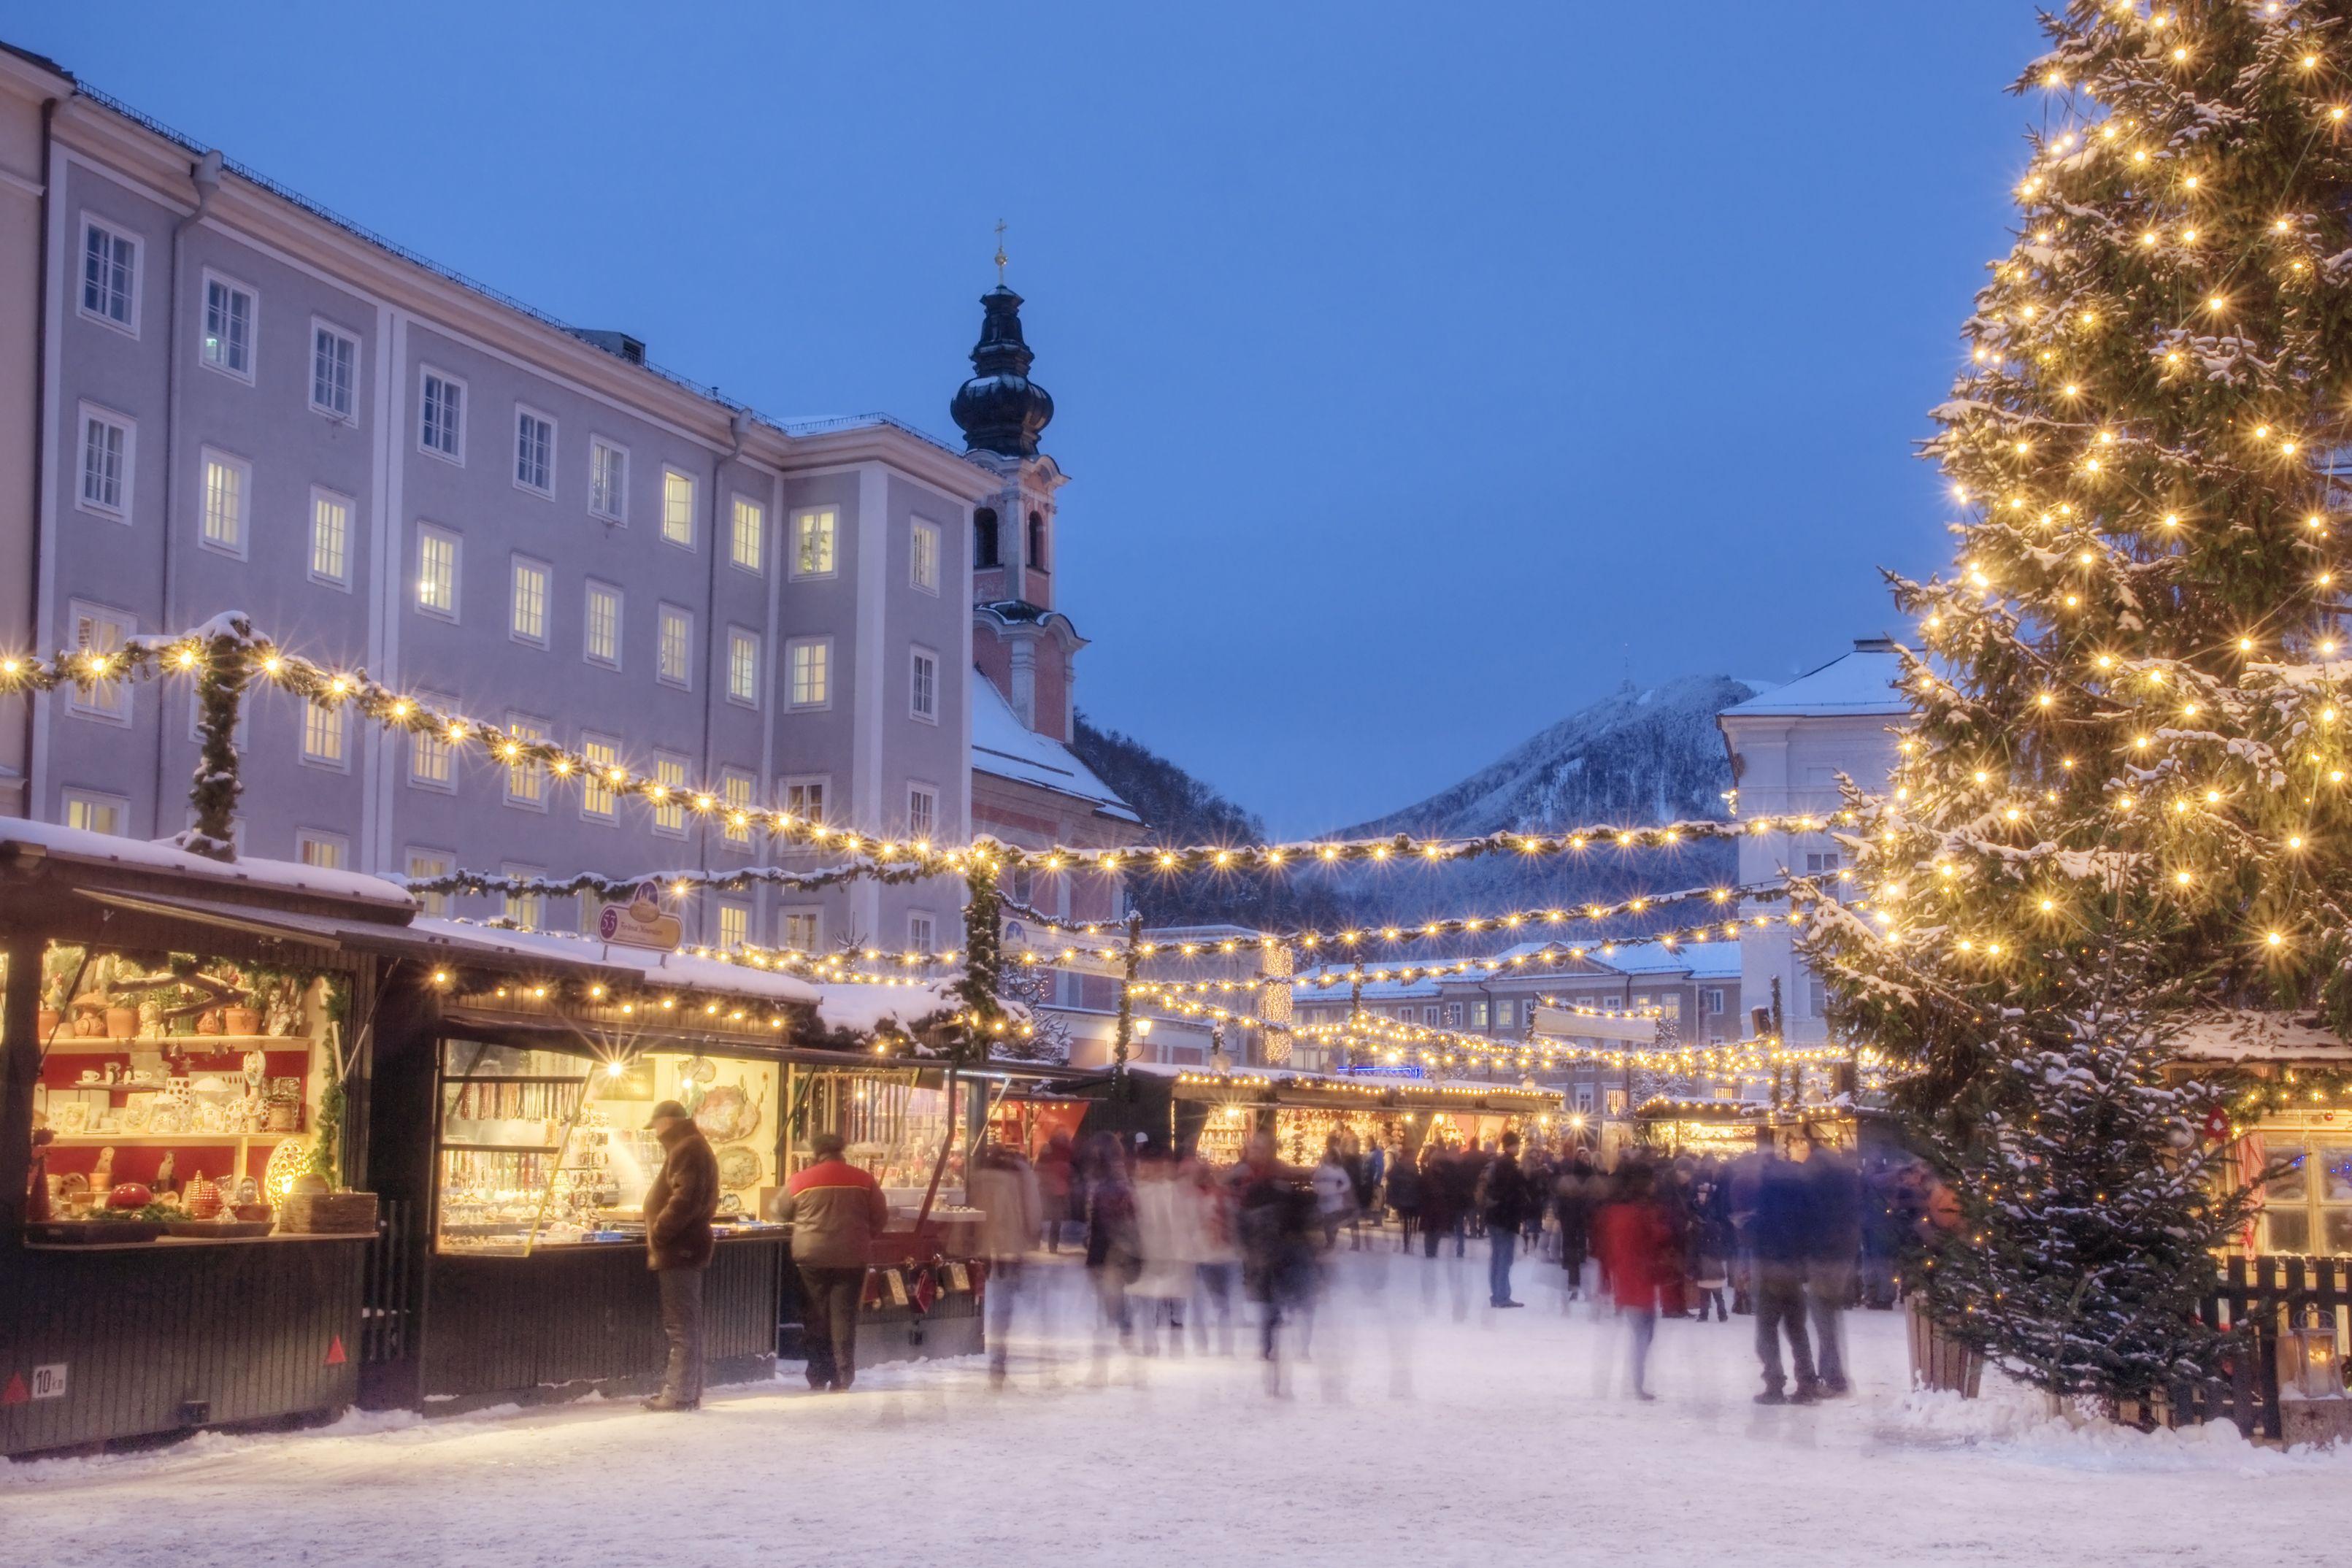 Credevo che i mercatini di Natale fossero noiosissimi, poi sono stata a Salisburgo